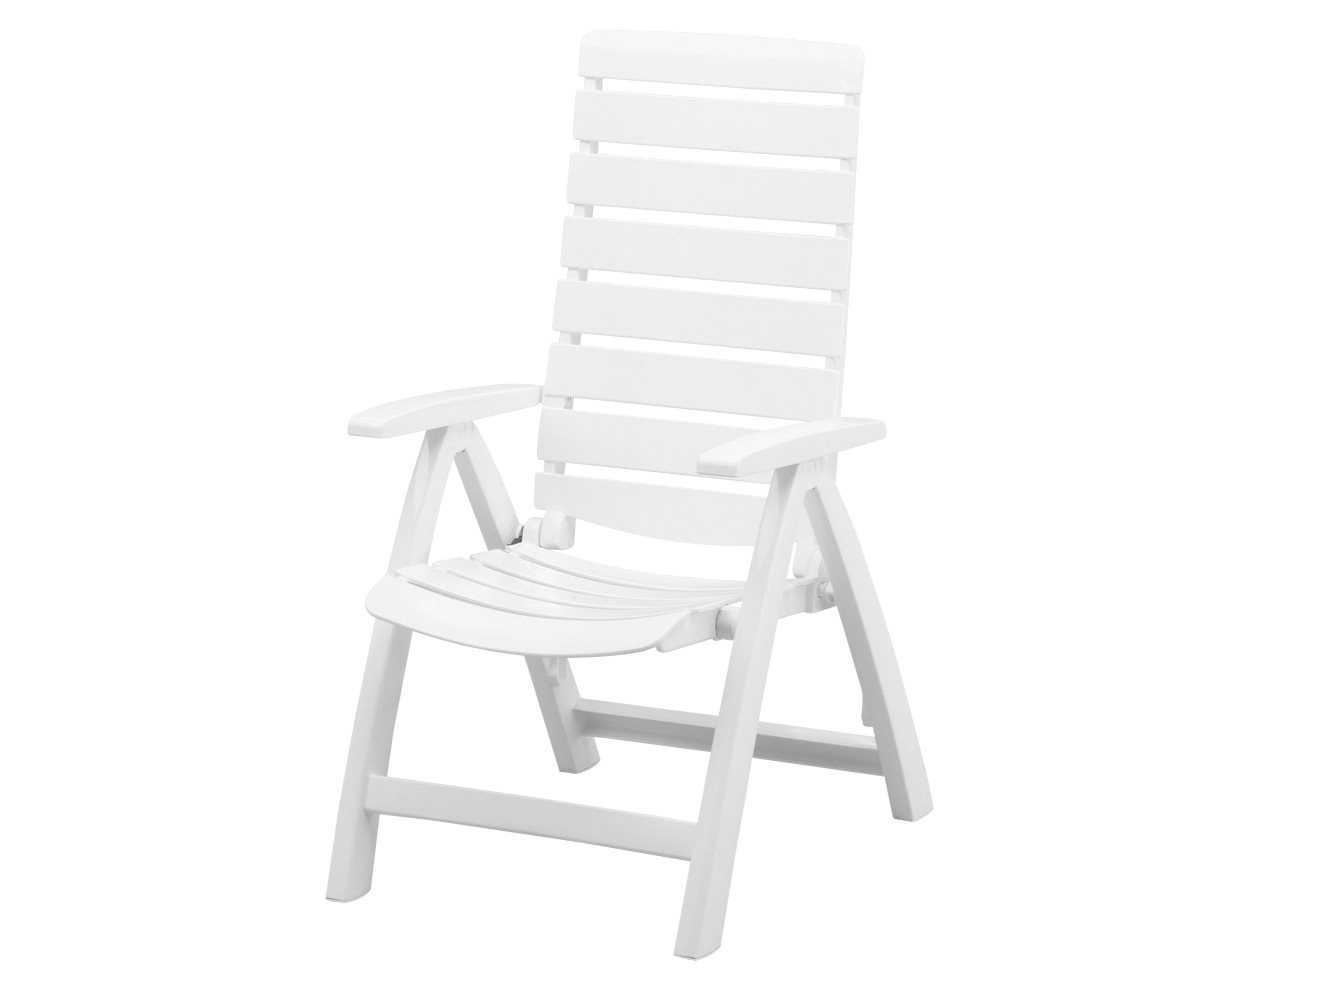 Kettler Rimini MultiPosition High Back Arm Chair  KR1494000